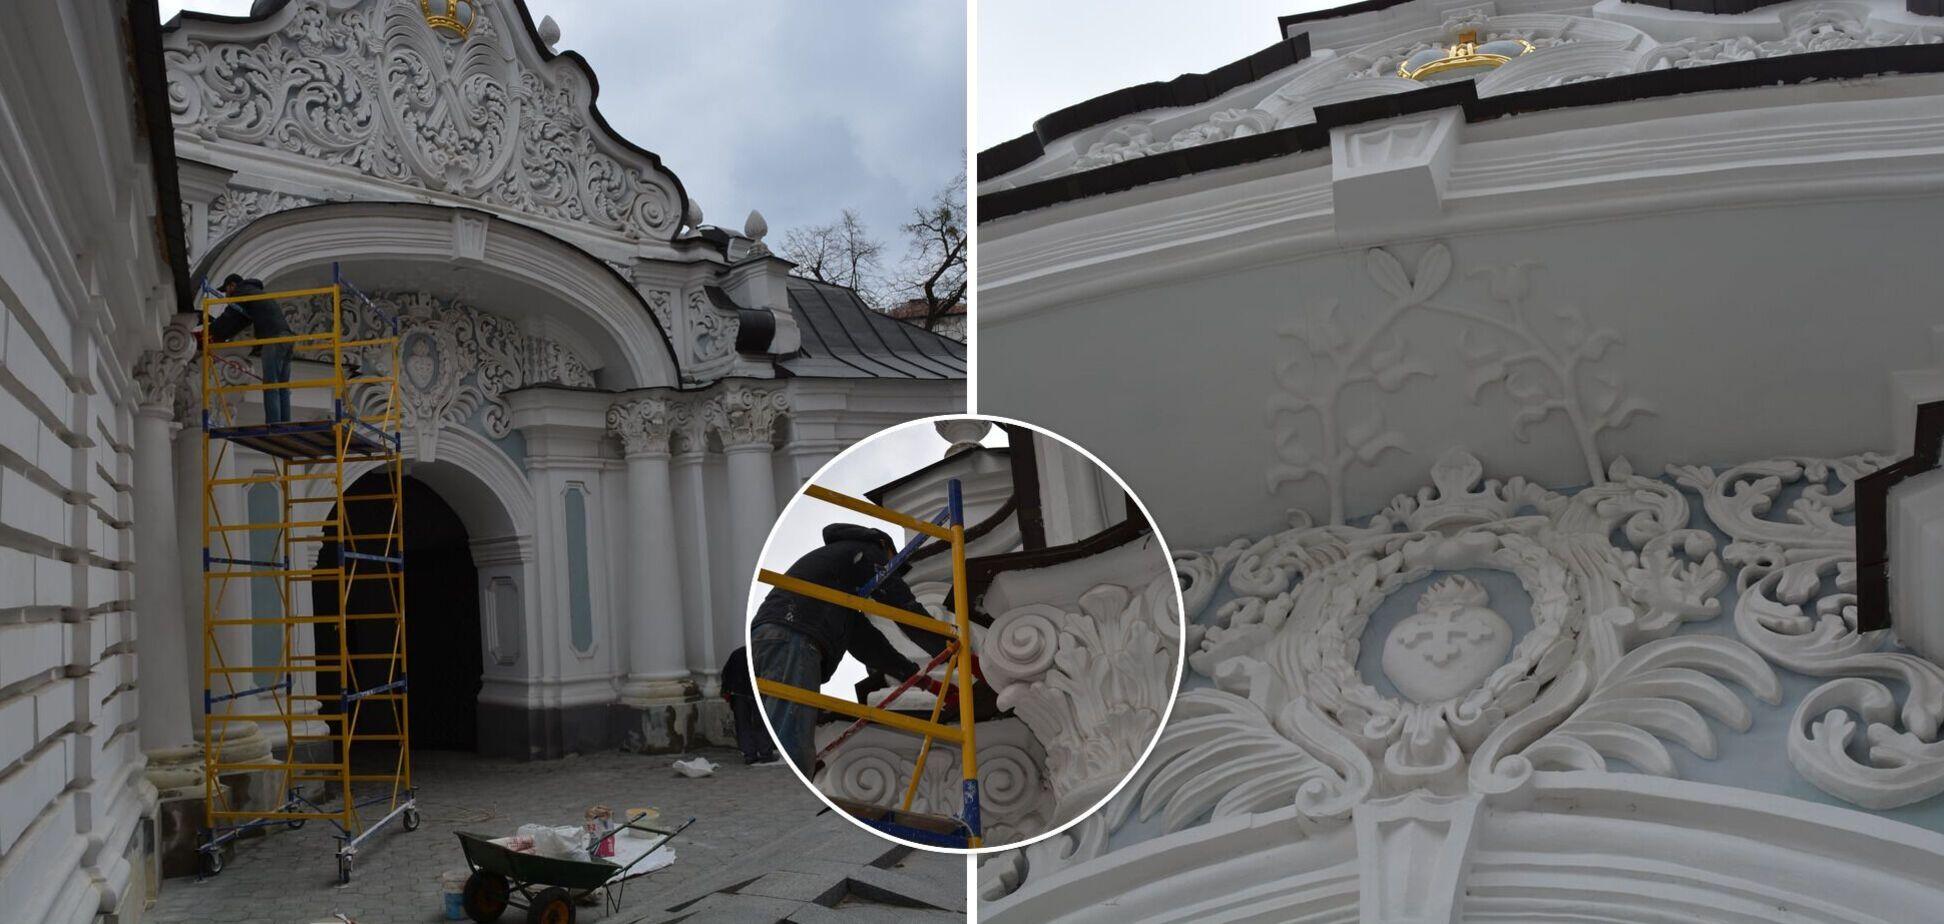 У Києві відреставрують унікальну Браму Заборовського біля Софії Київської. Фото